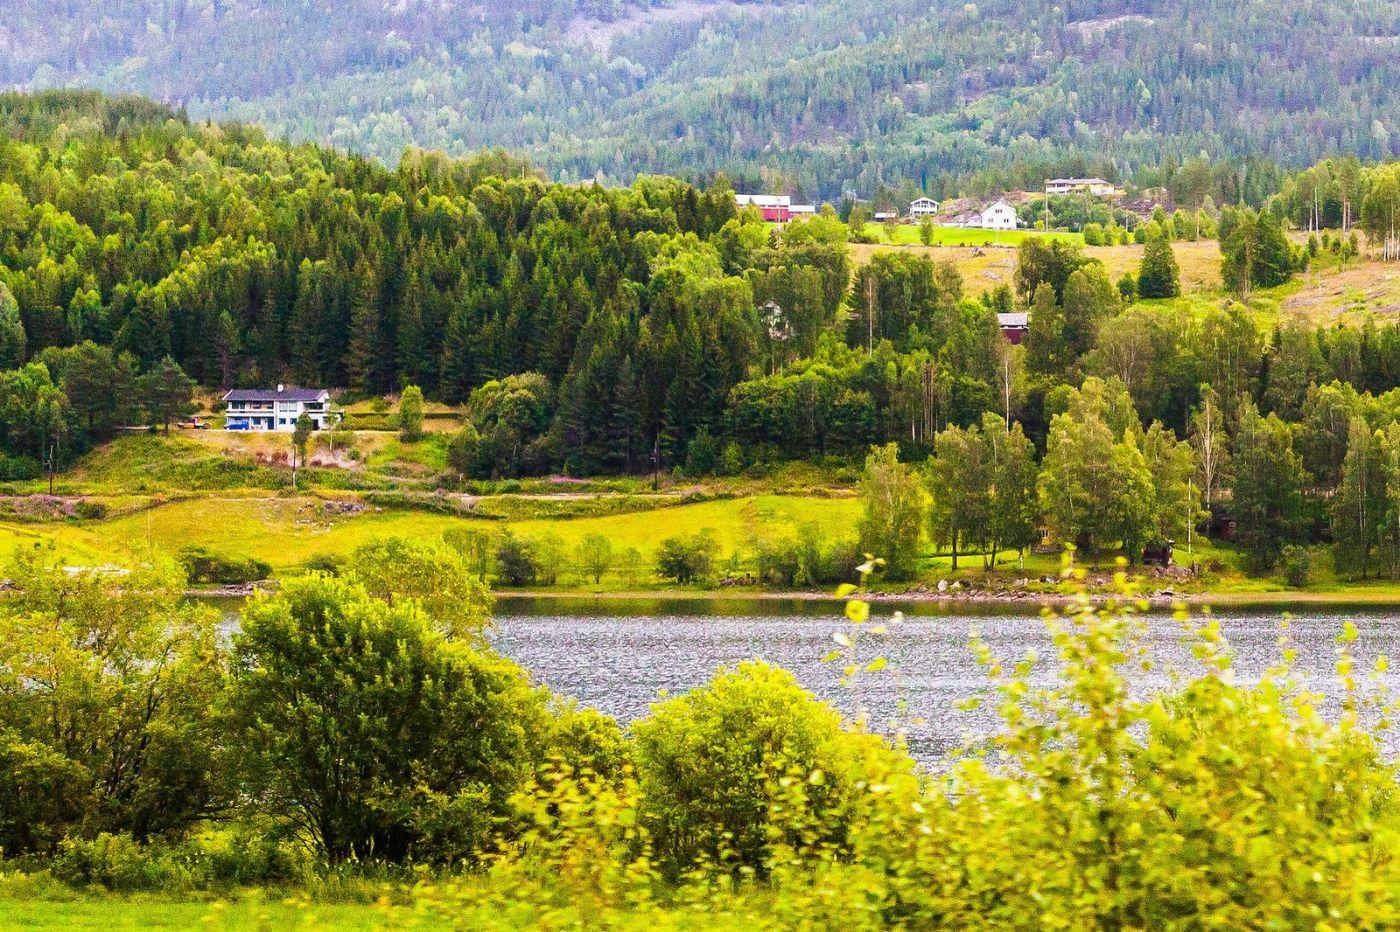 北欧风光,风景美如画_图1-24